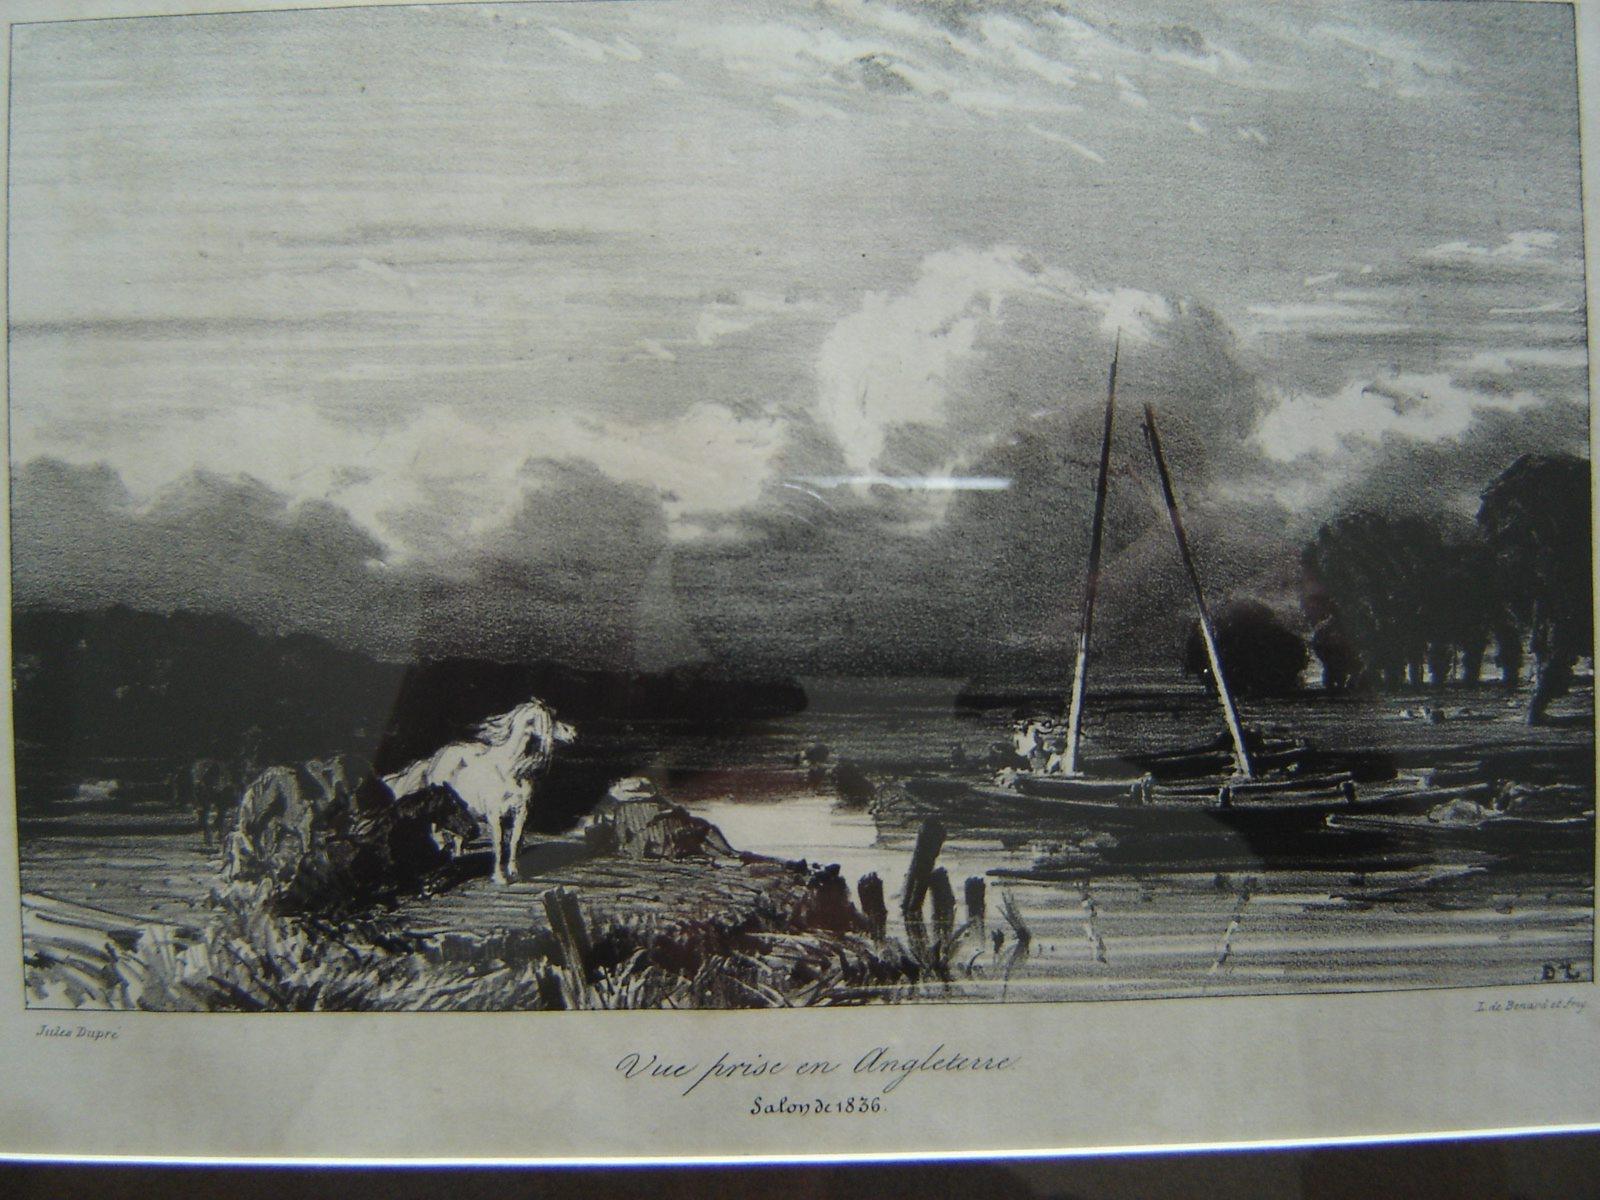 Vue prise en Angleterre, Salon de 1836_0